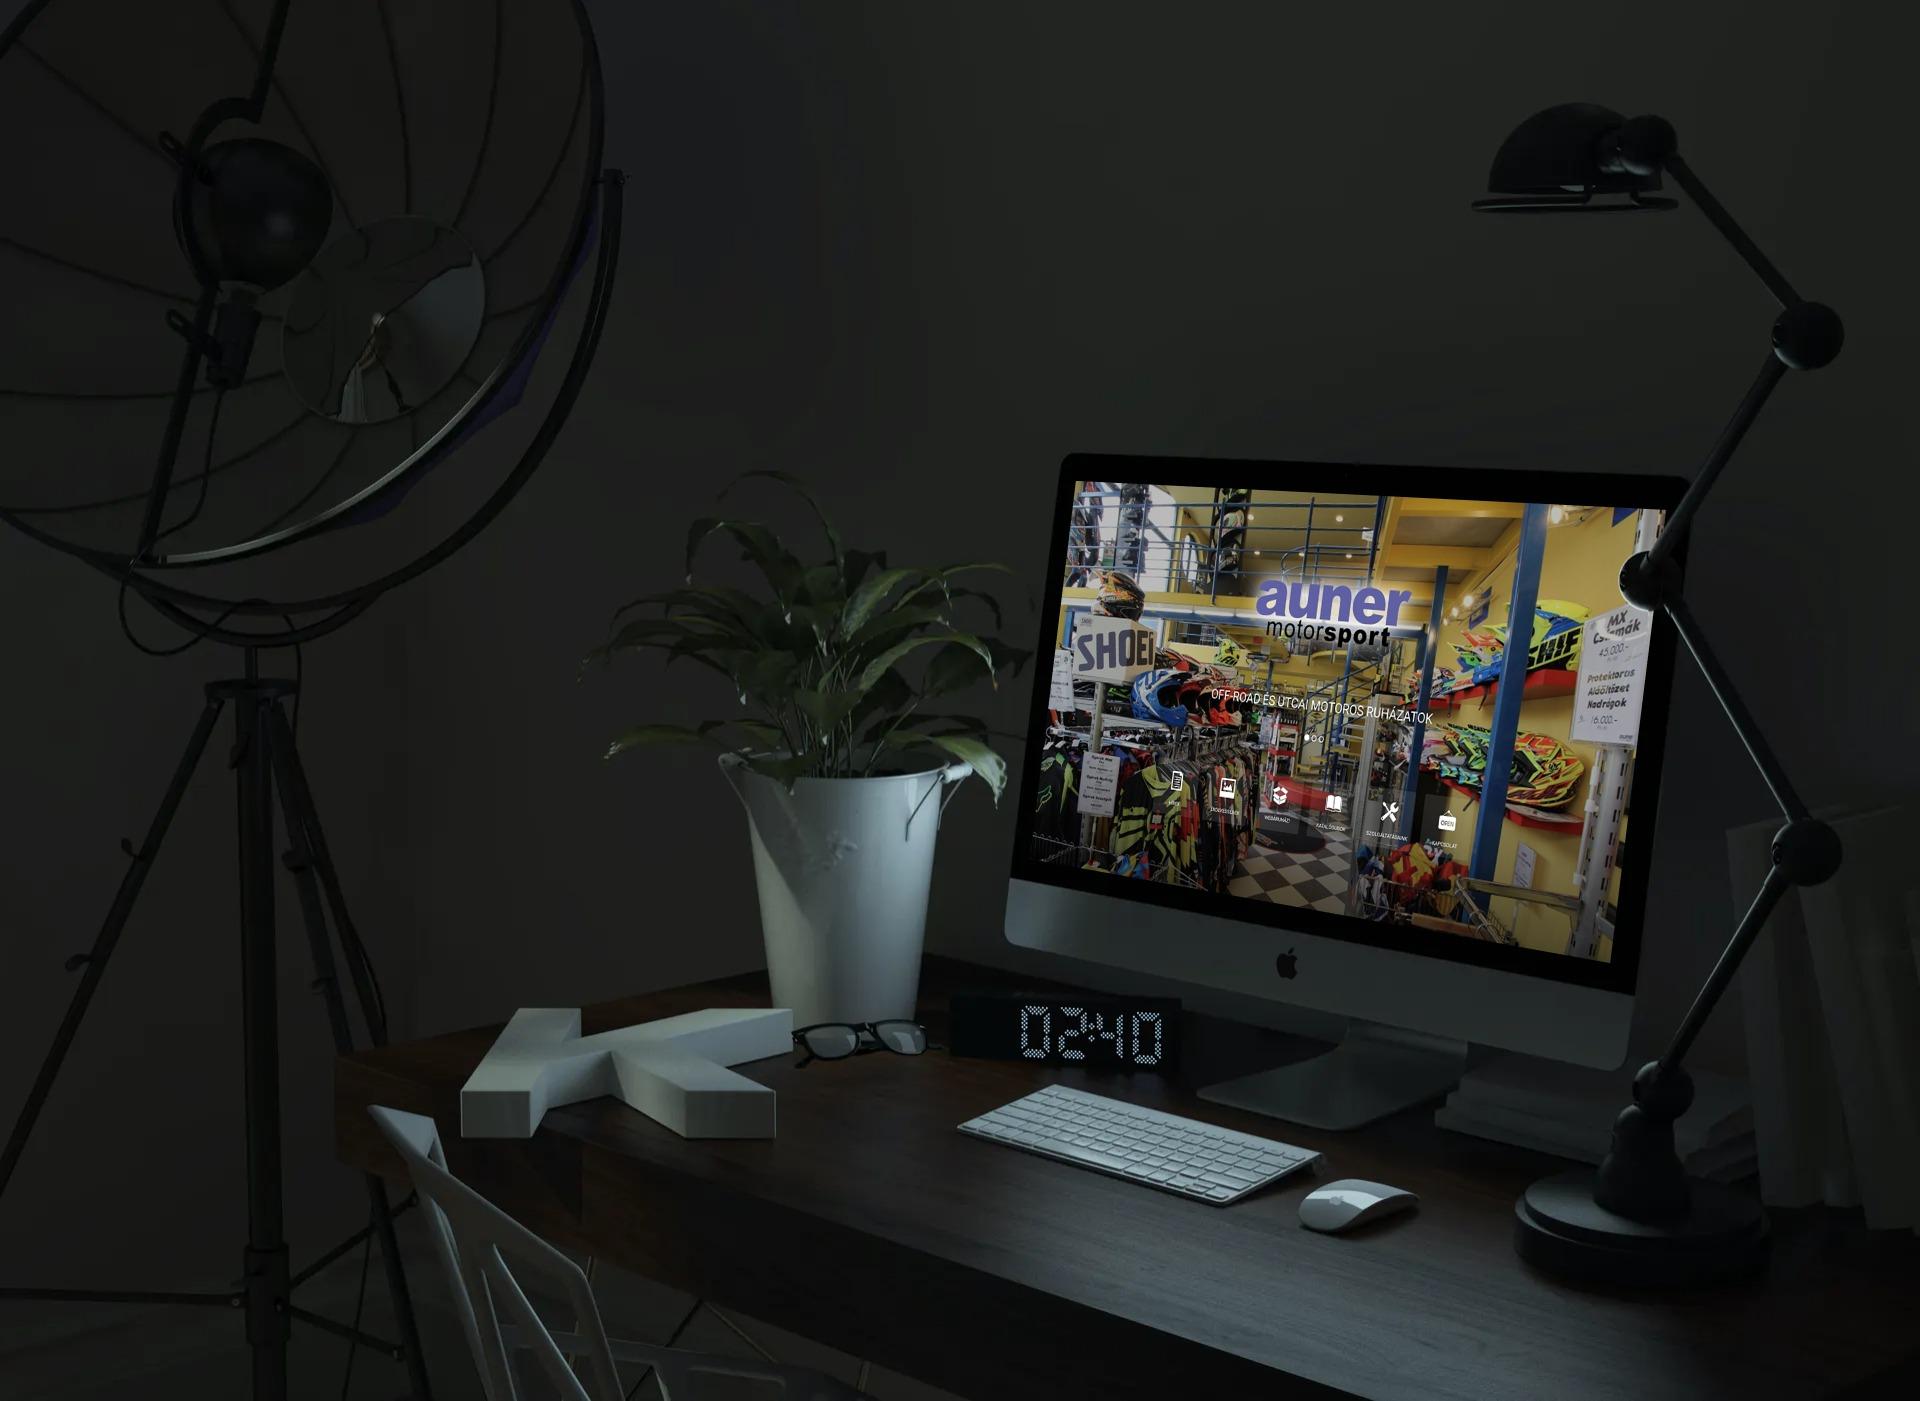 auner.hu weboldal megjelenése asztali PC-n, IMac-en